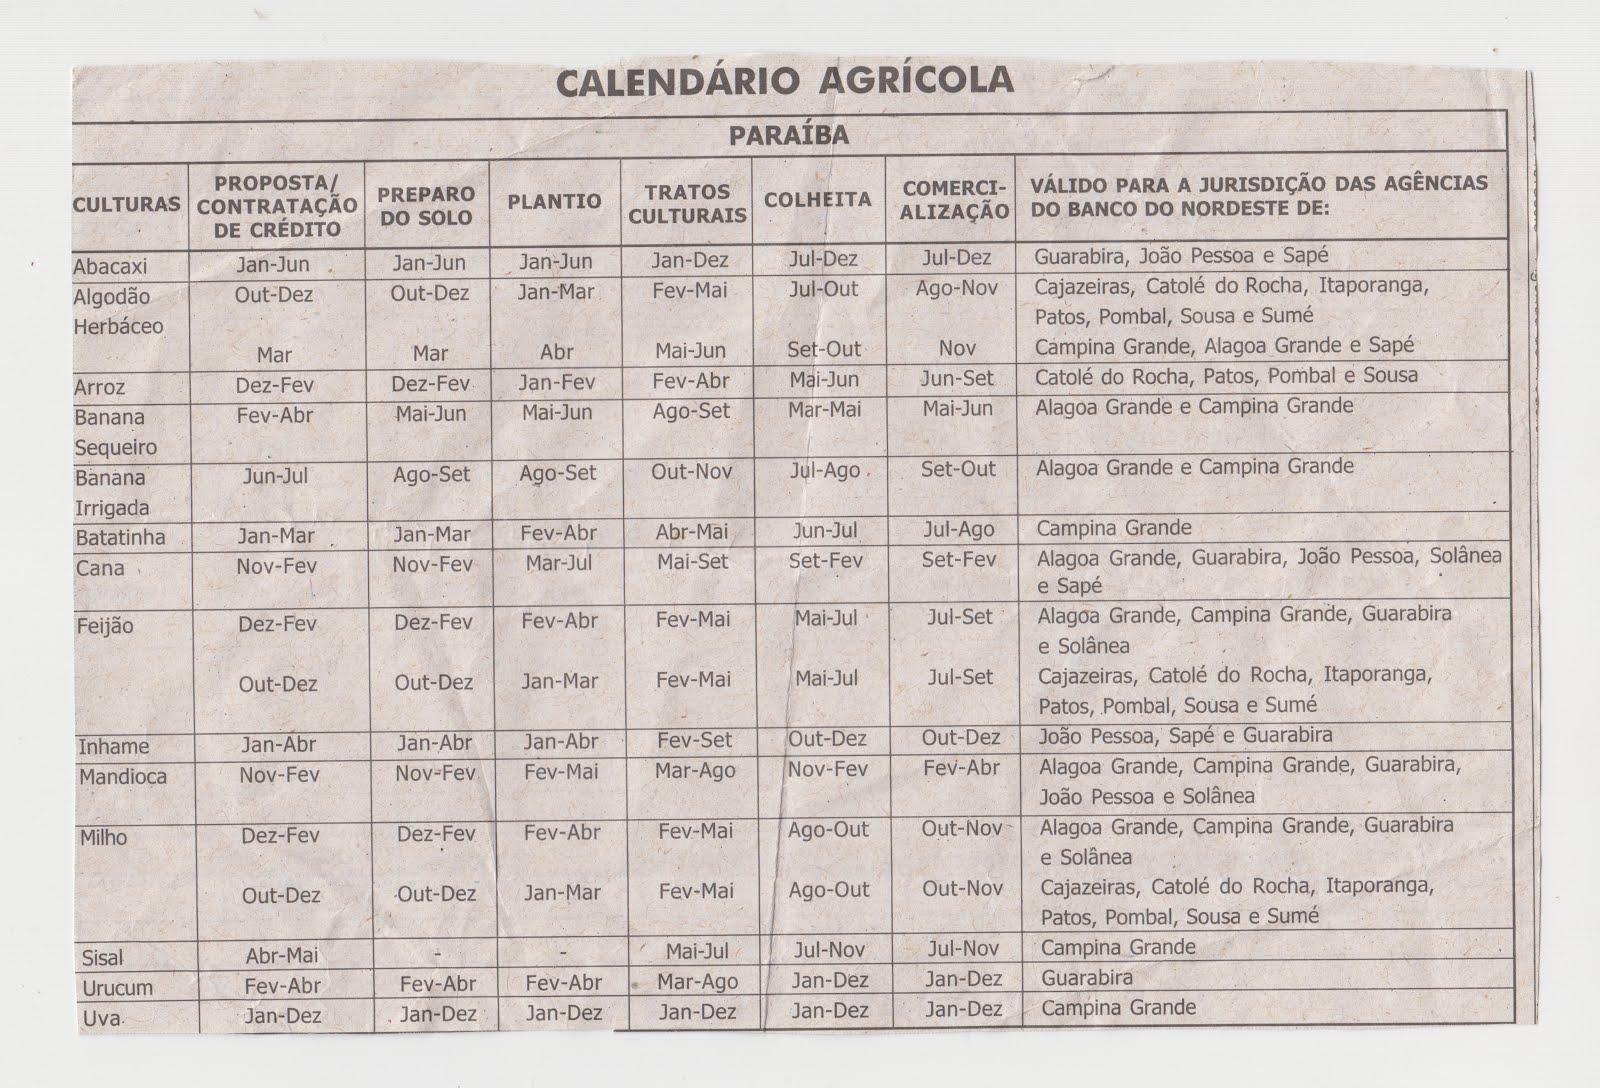 CALENDÁRIO AGRÍCOLA  PARA  OS ESTADOS DO NORDESTE